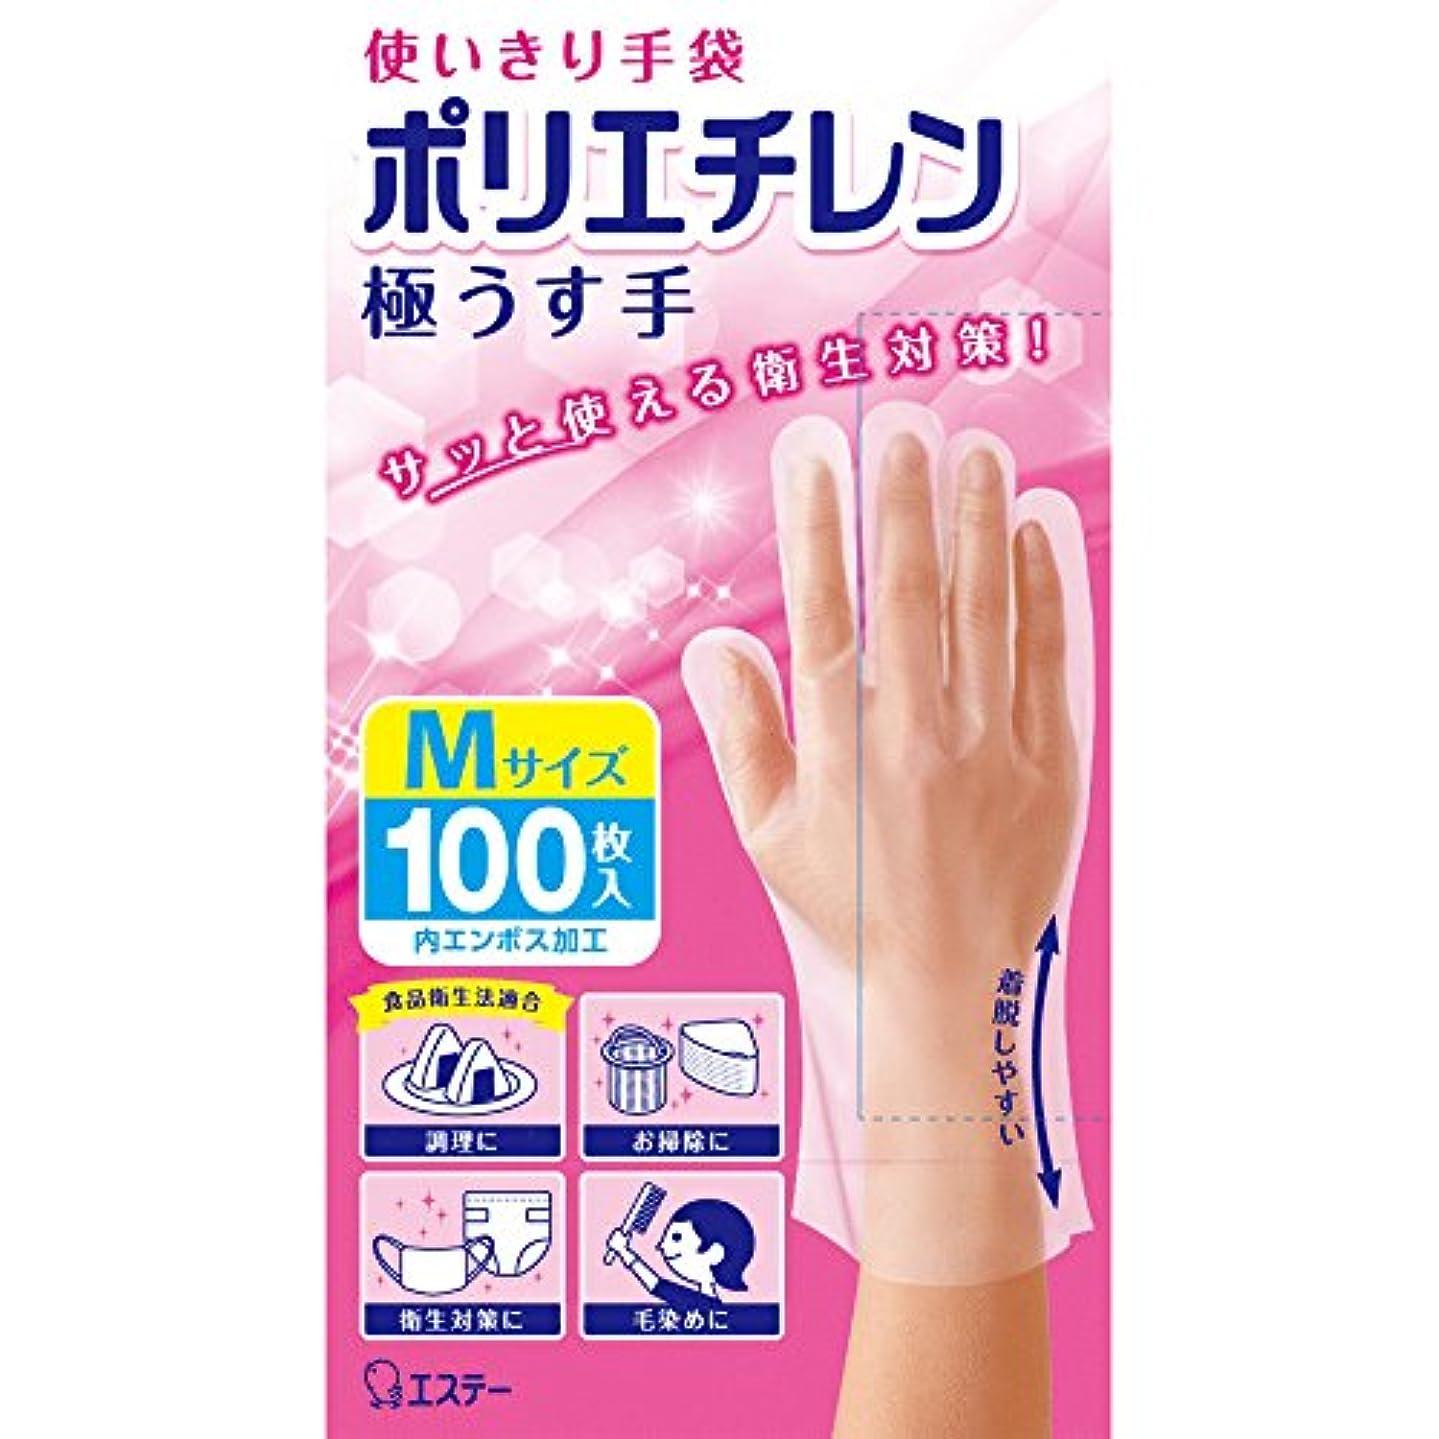 シャット蛾ちょうつがい使いきり手袋 ポリエチレン 極うす手 Mサイズ 半透明 100枚 使い捨て 食品衛生法適合